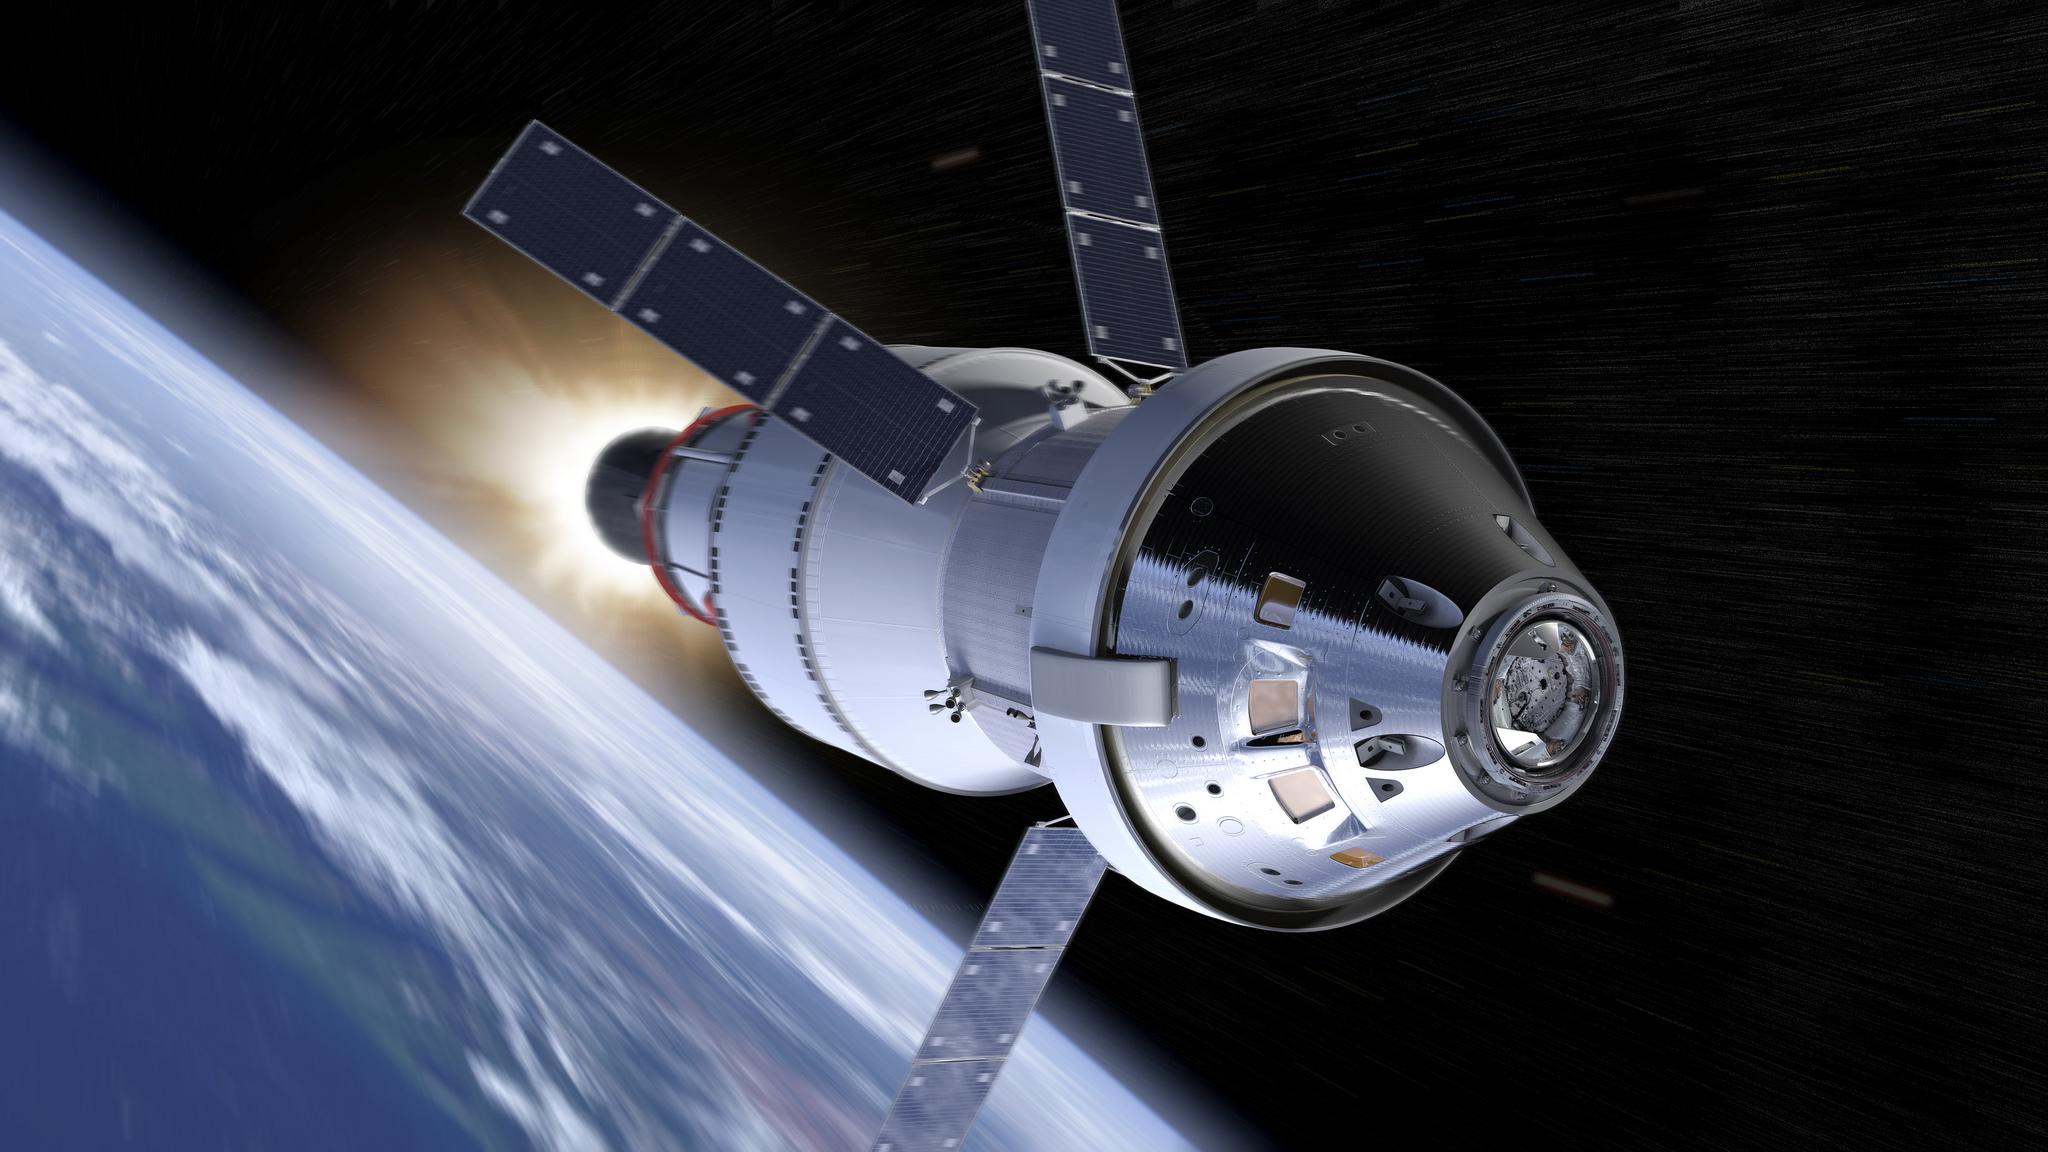 Orion è il veicolo spaziale della NASA che invierà gli astronauti sulla luna